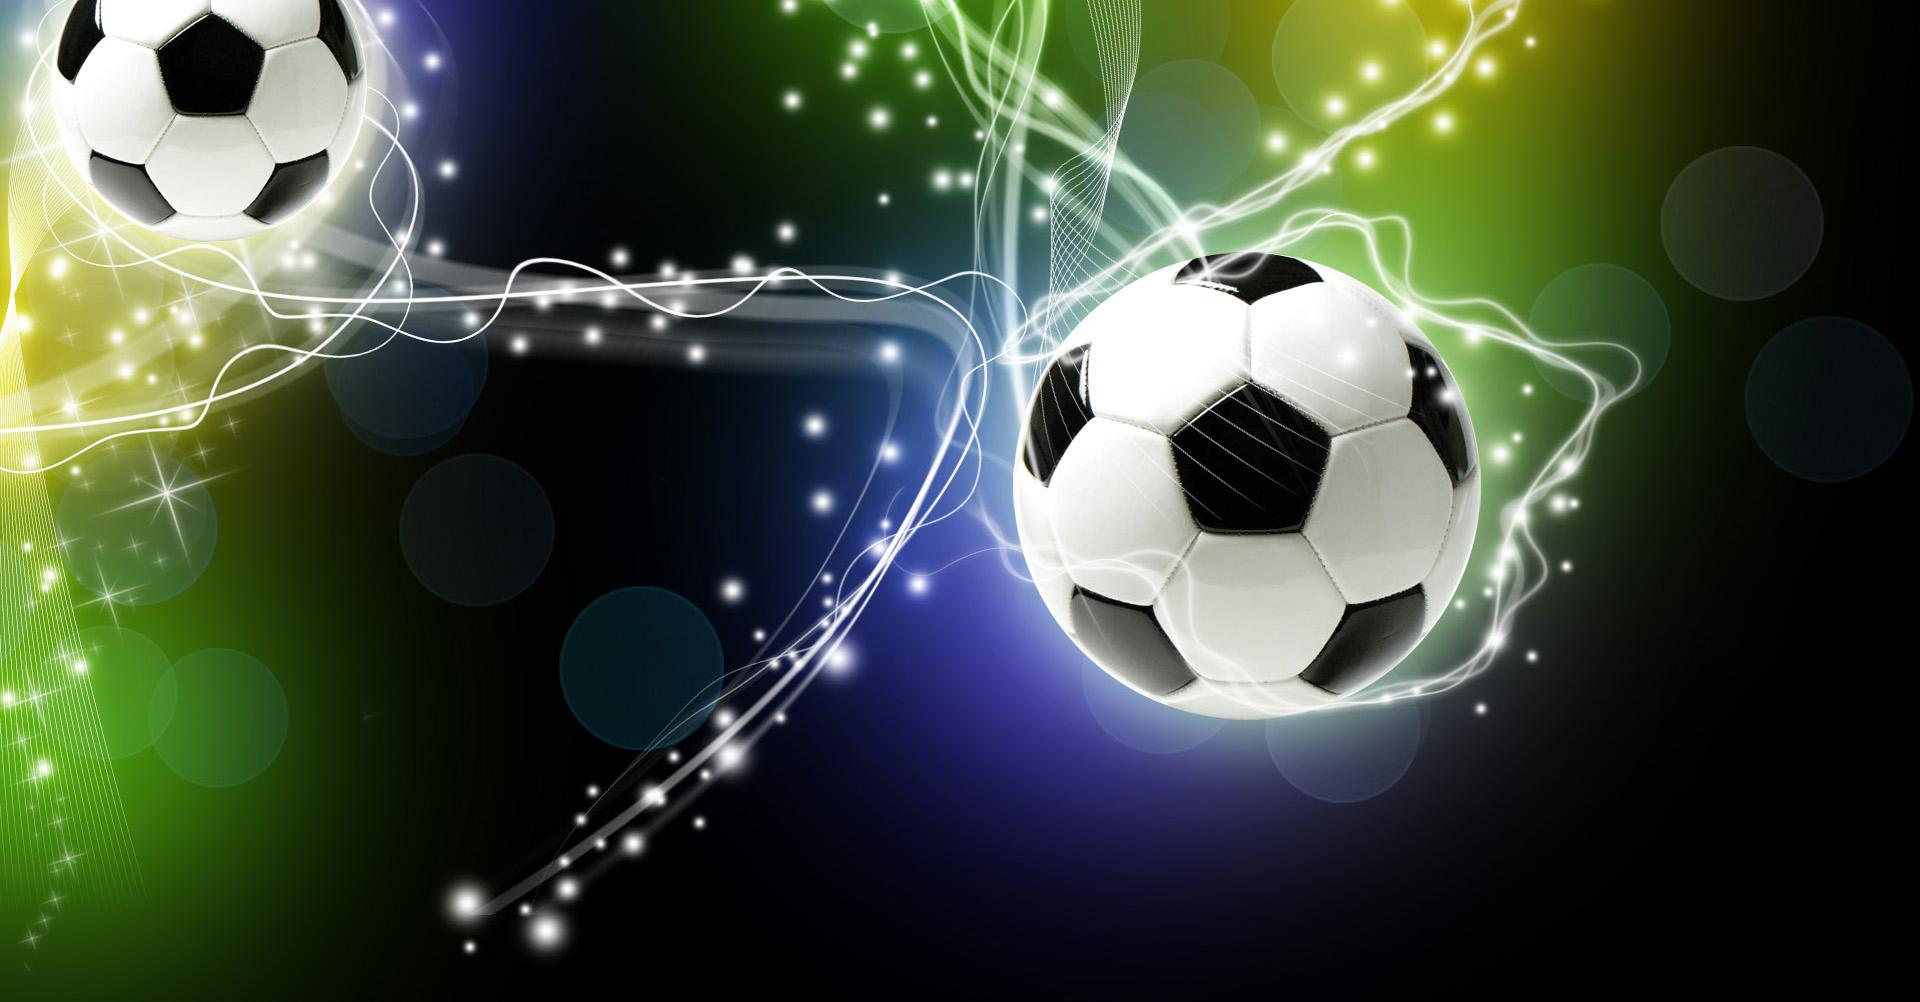 wallpaper Football Backgrounds hd wallpaper background desktop 1920x1002